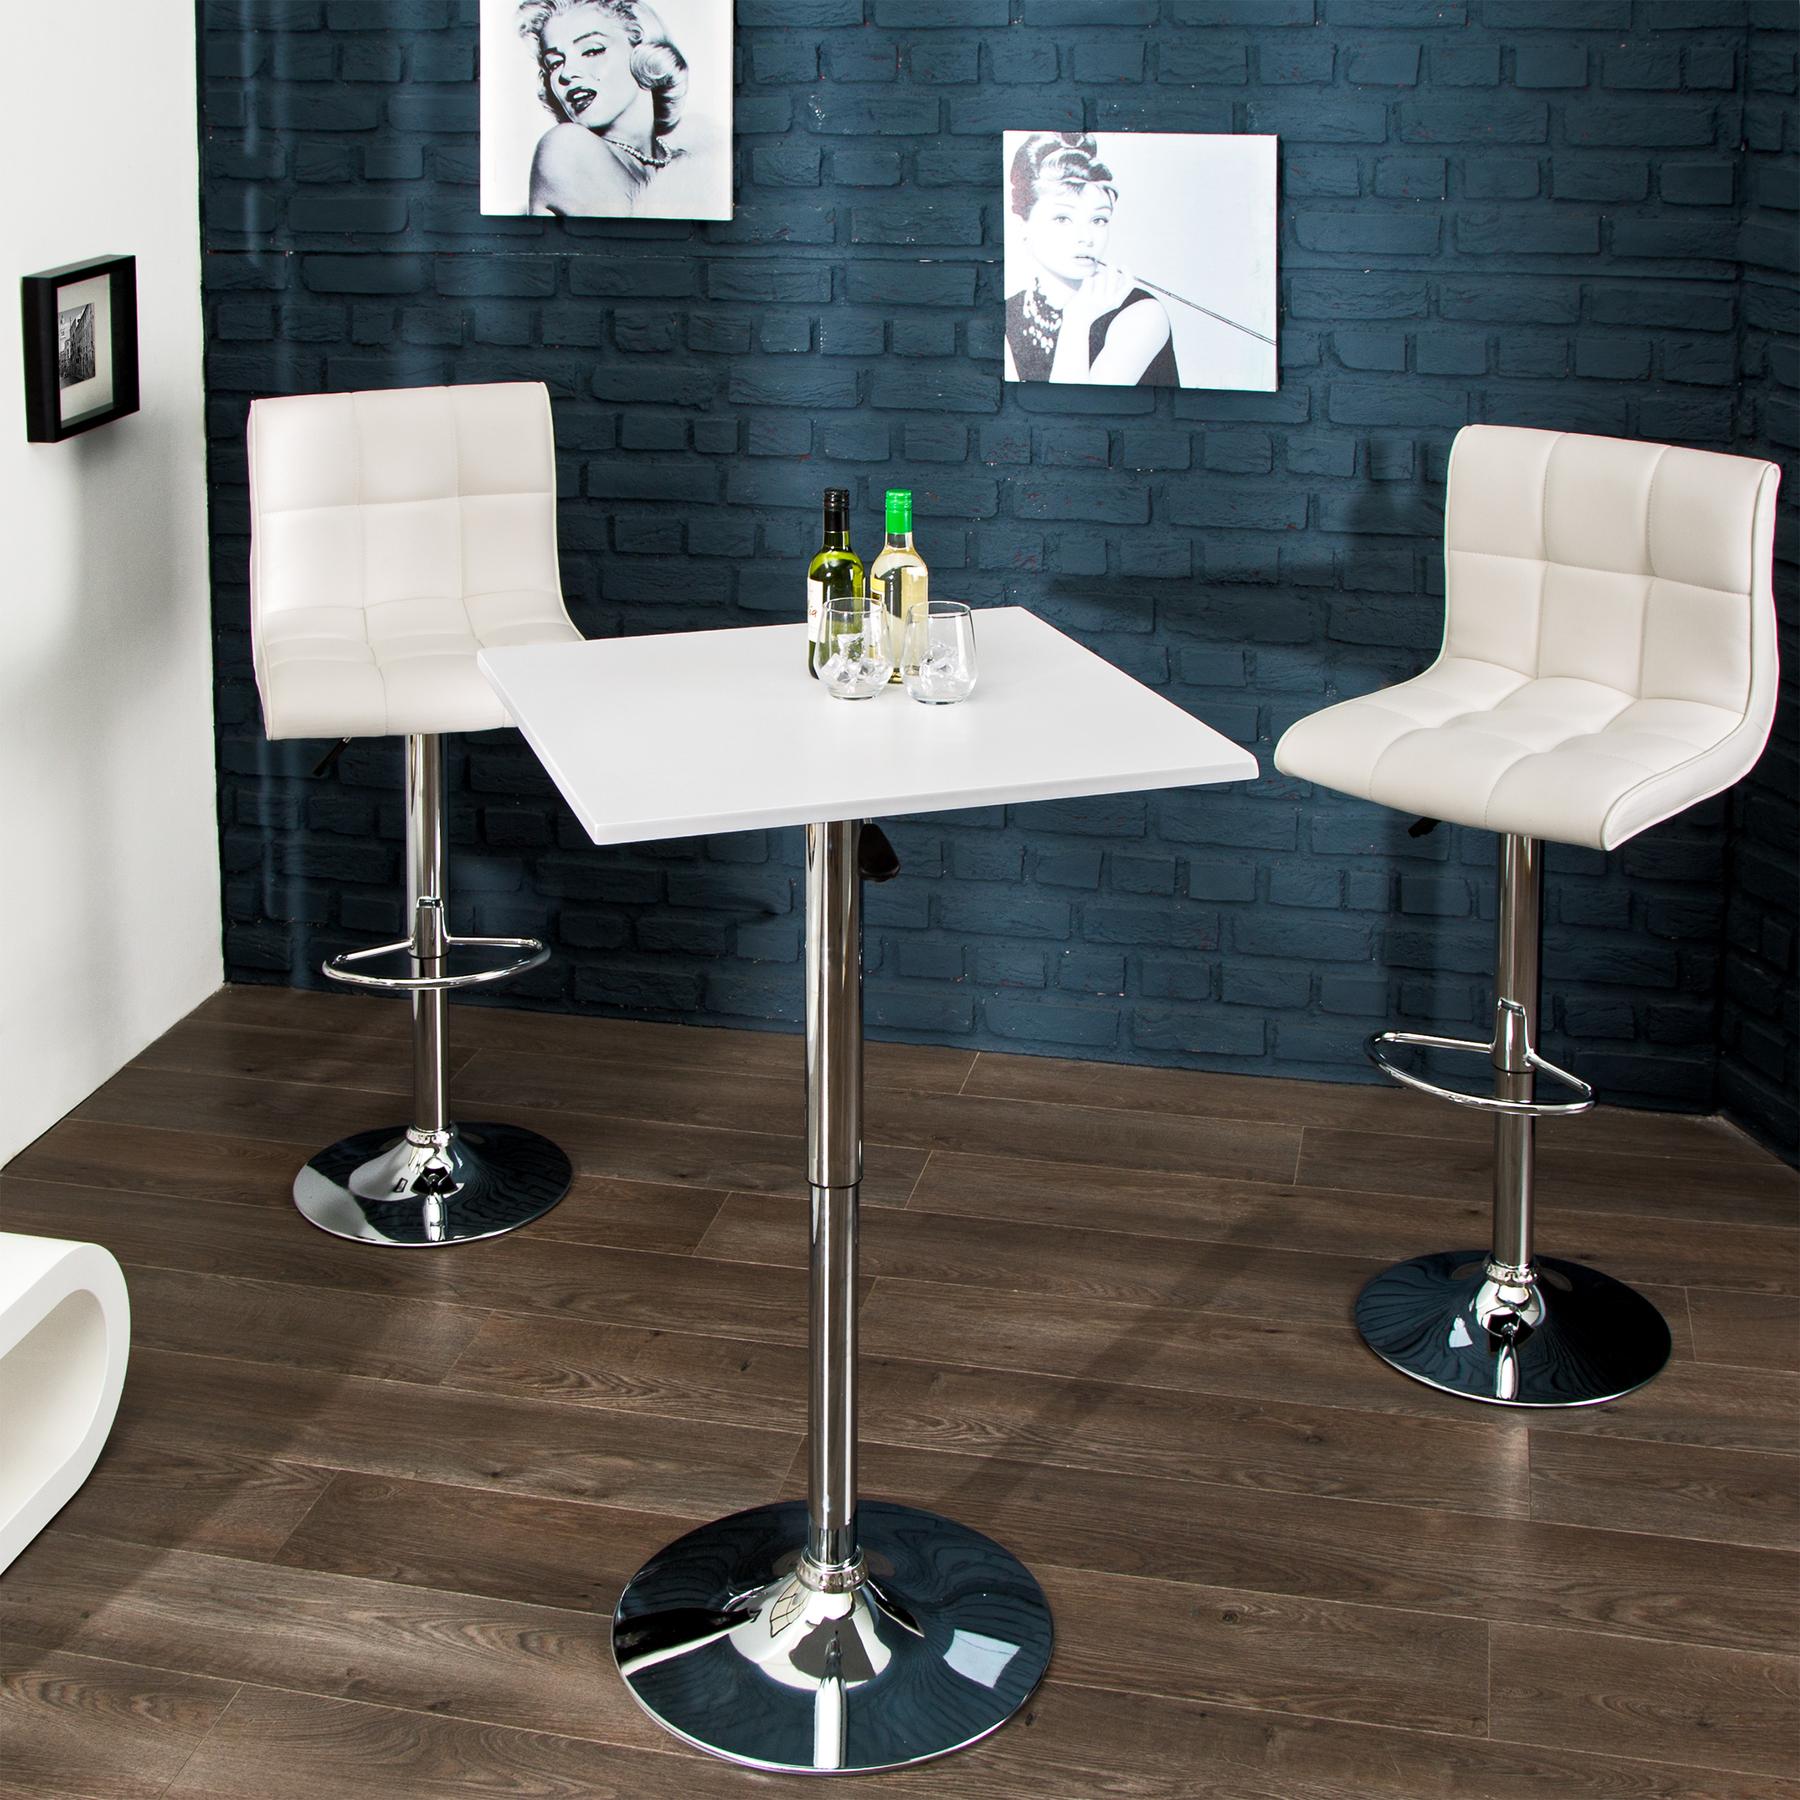 design stehtisch move weiss bistrotisch h henverstellbar k chentisch bar tresen ebay. Black Bedroom Furniture Sets. Home Design Ideas